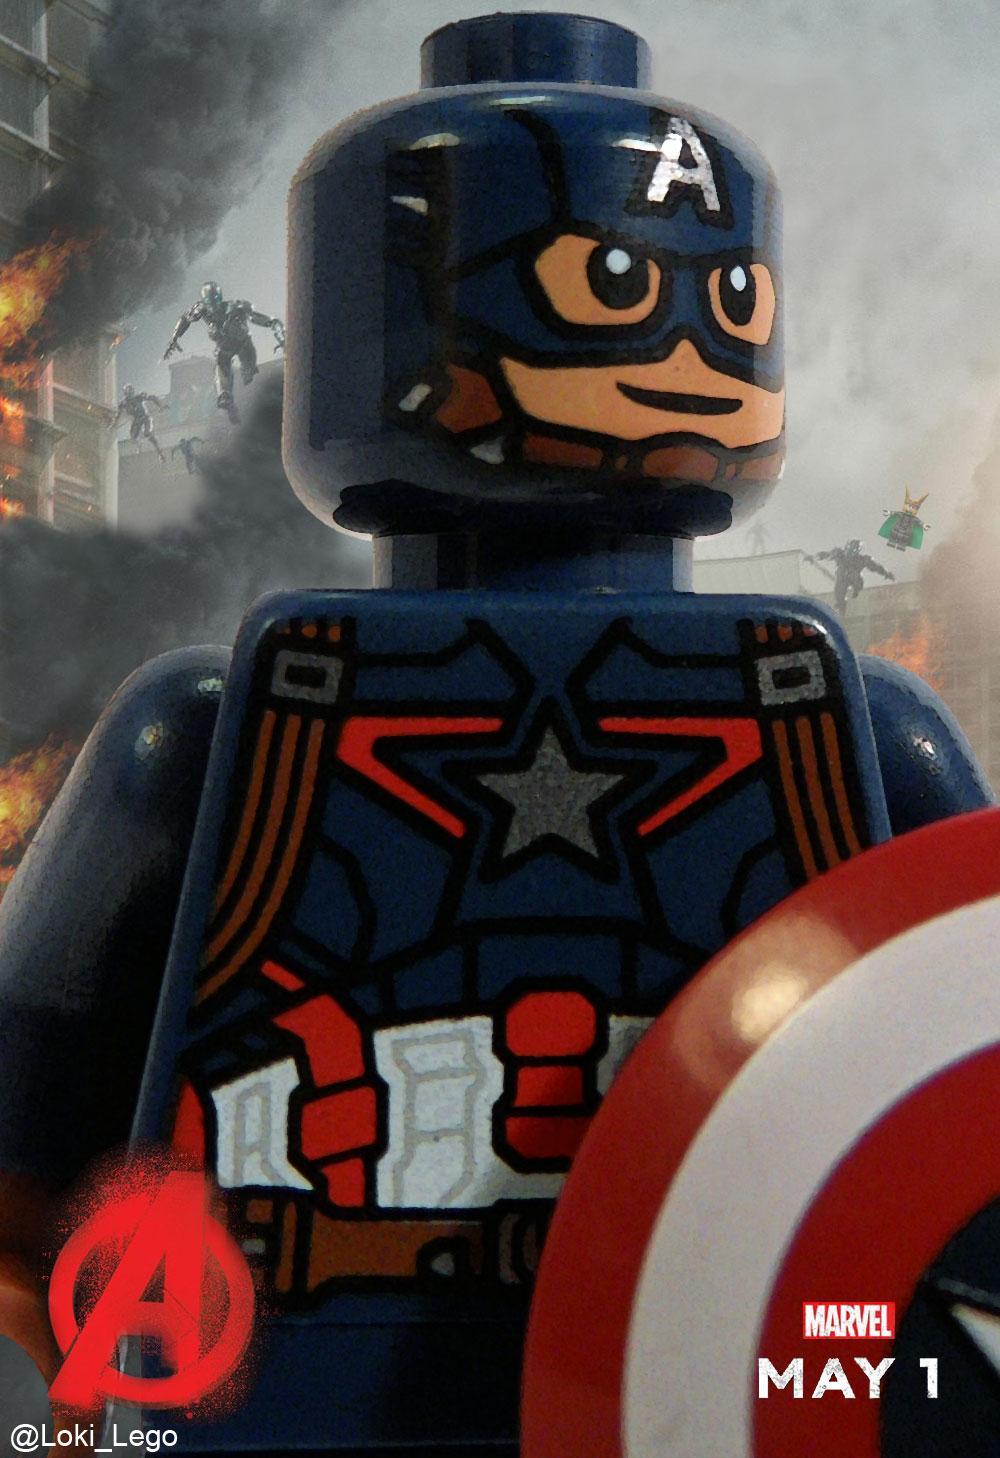 lego-captain-america-ultron-poster